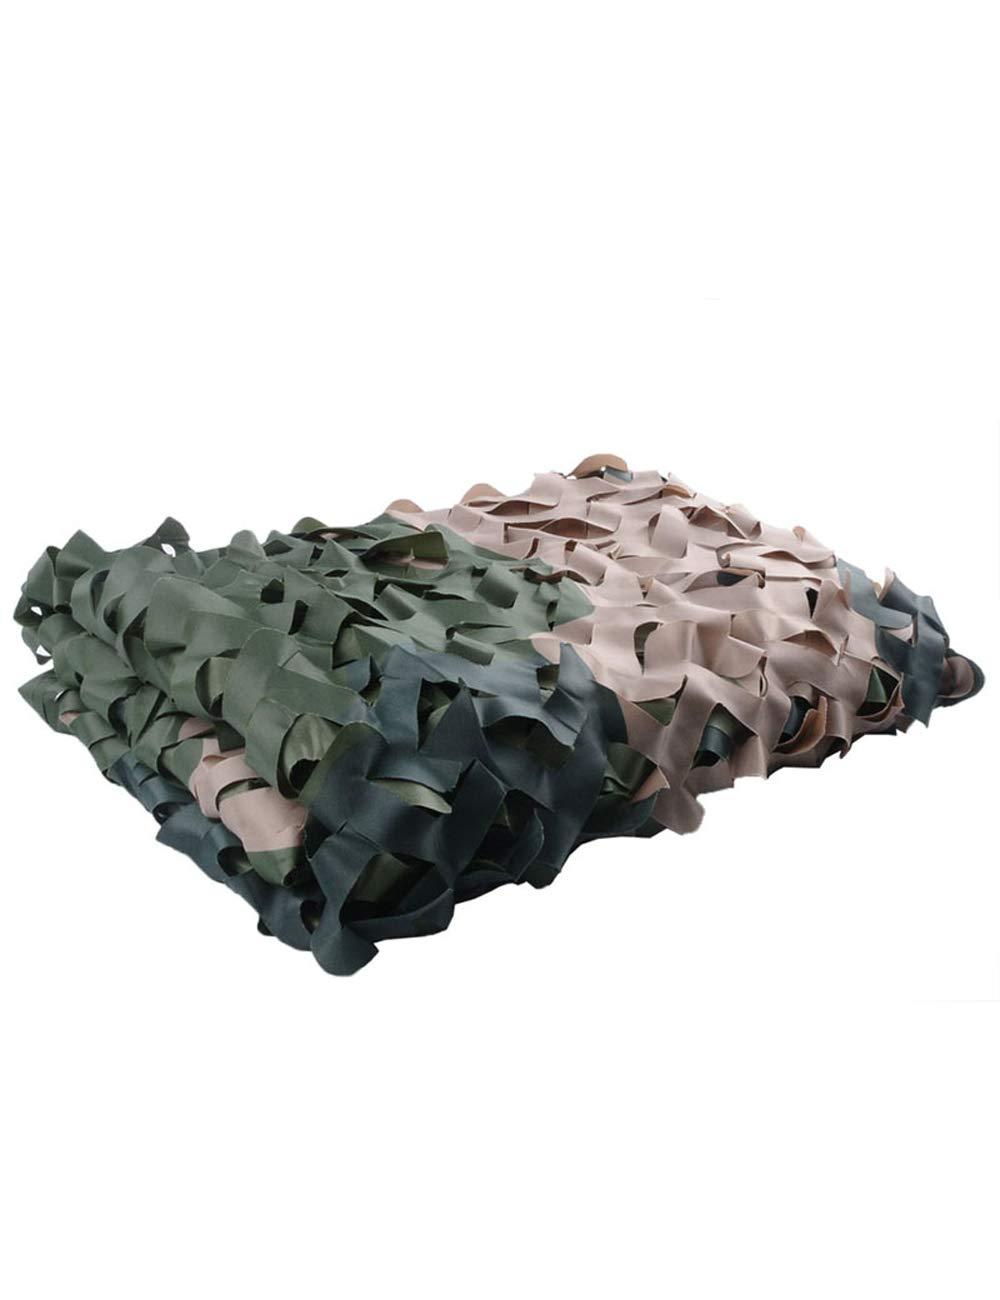 WKHQQ-Filet d'ombrage Filet de Camouflage camouflant, Filet de Camouflage Jungle Tente  55M